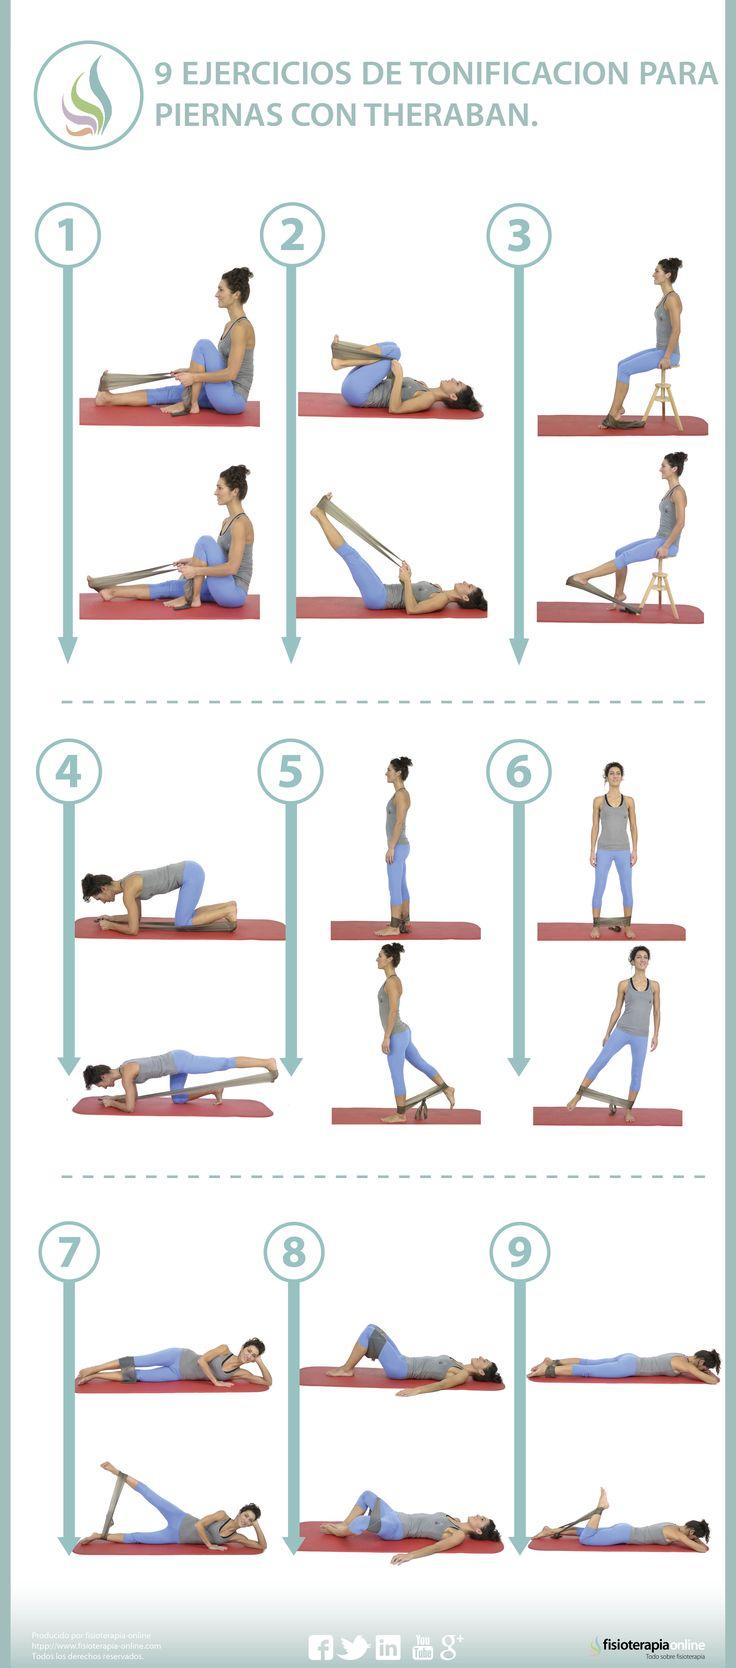 Aprende como tonificar o potenciar tus glúteos y piernas con bandas elásticas.